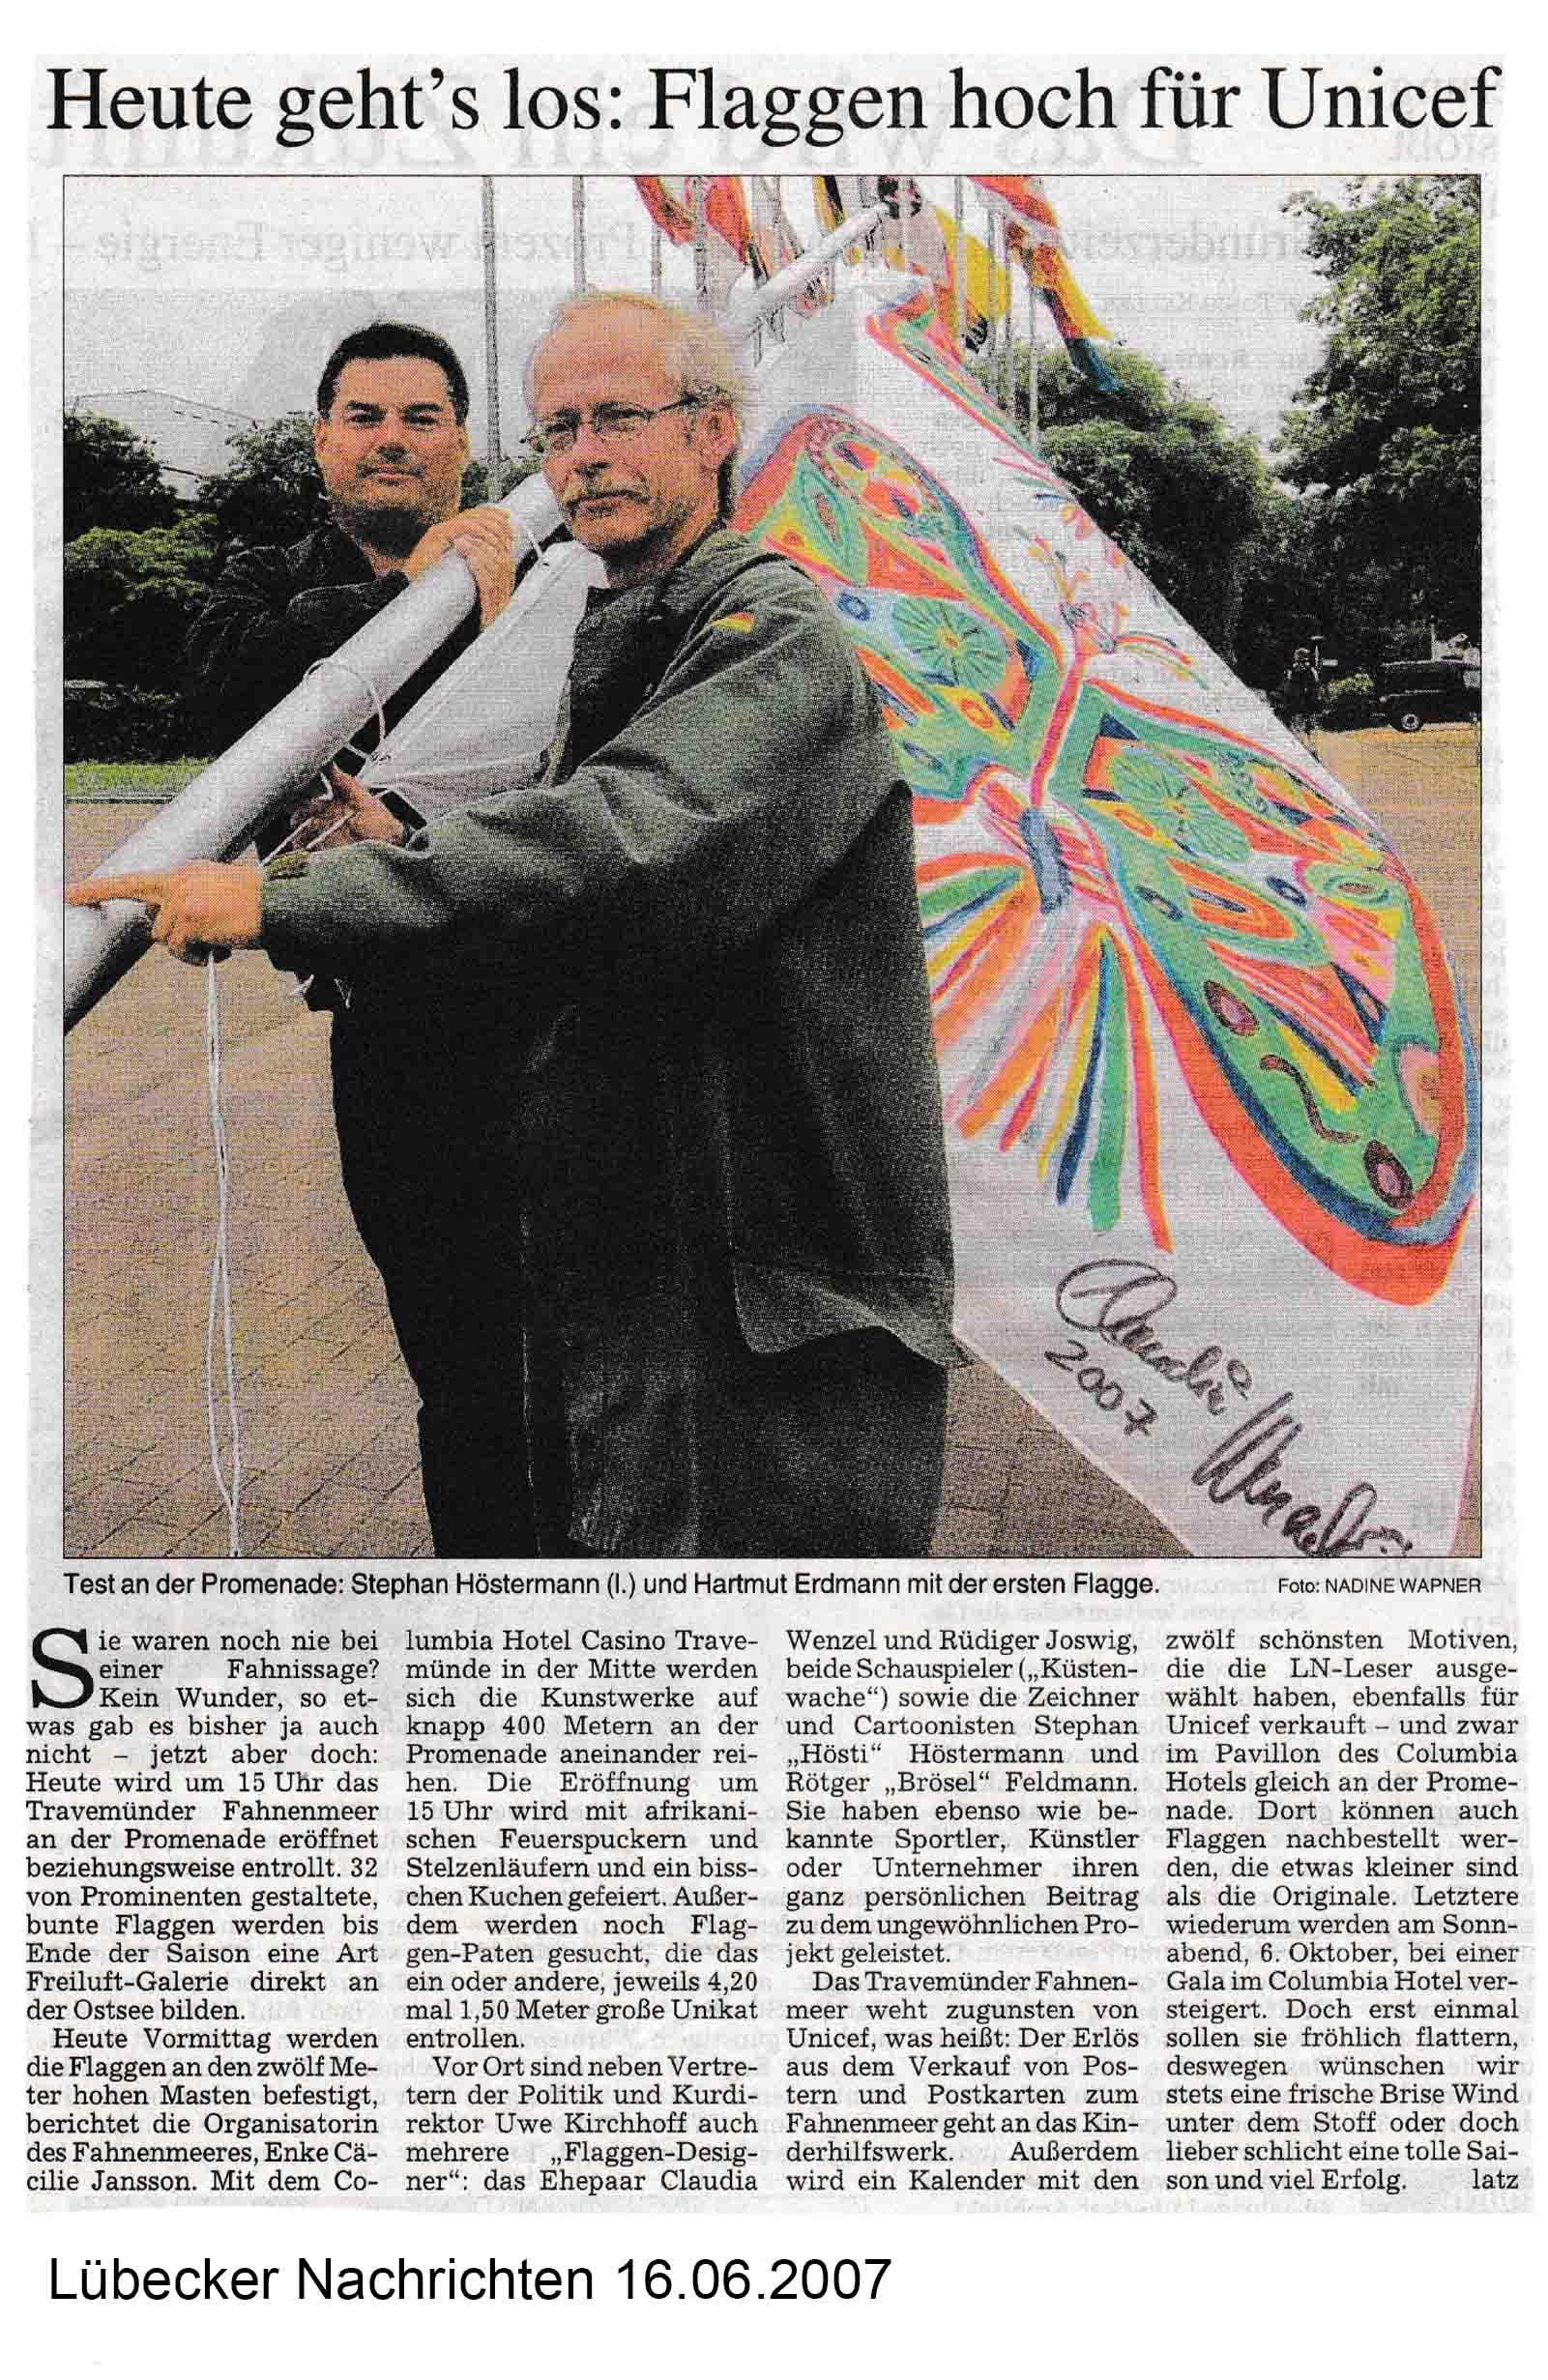 Lübecker Nachrichten16 06 2007